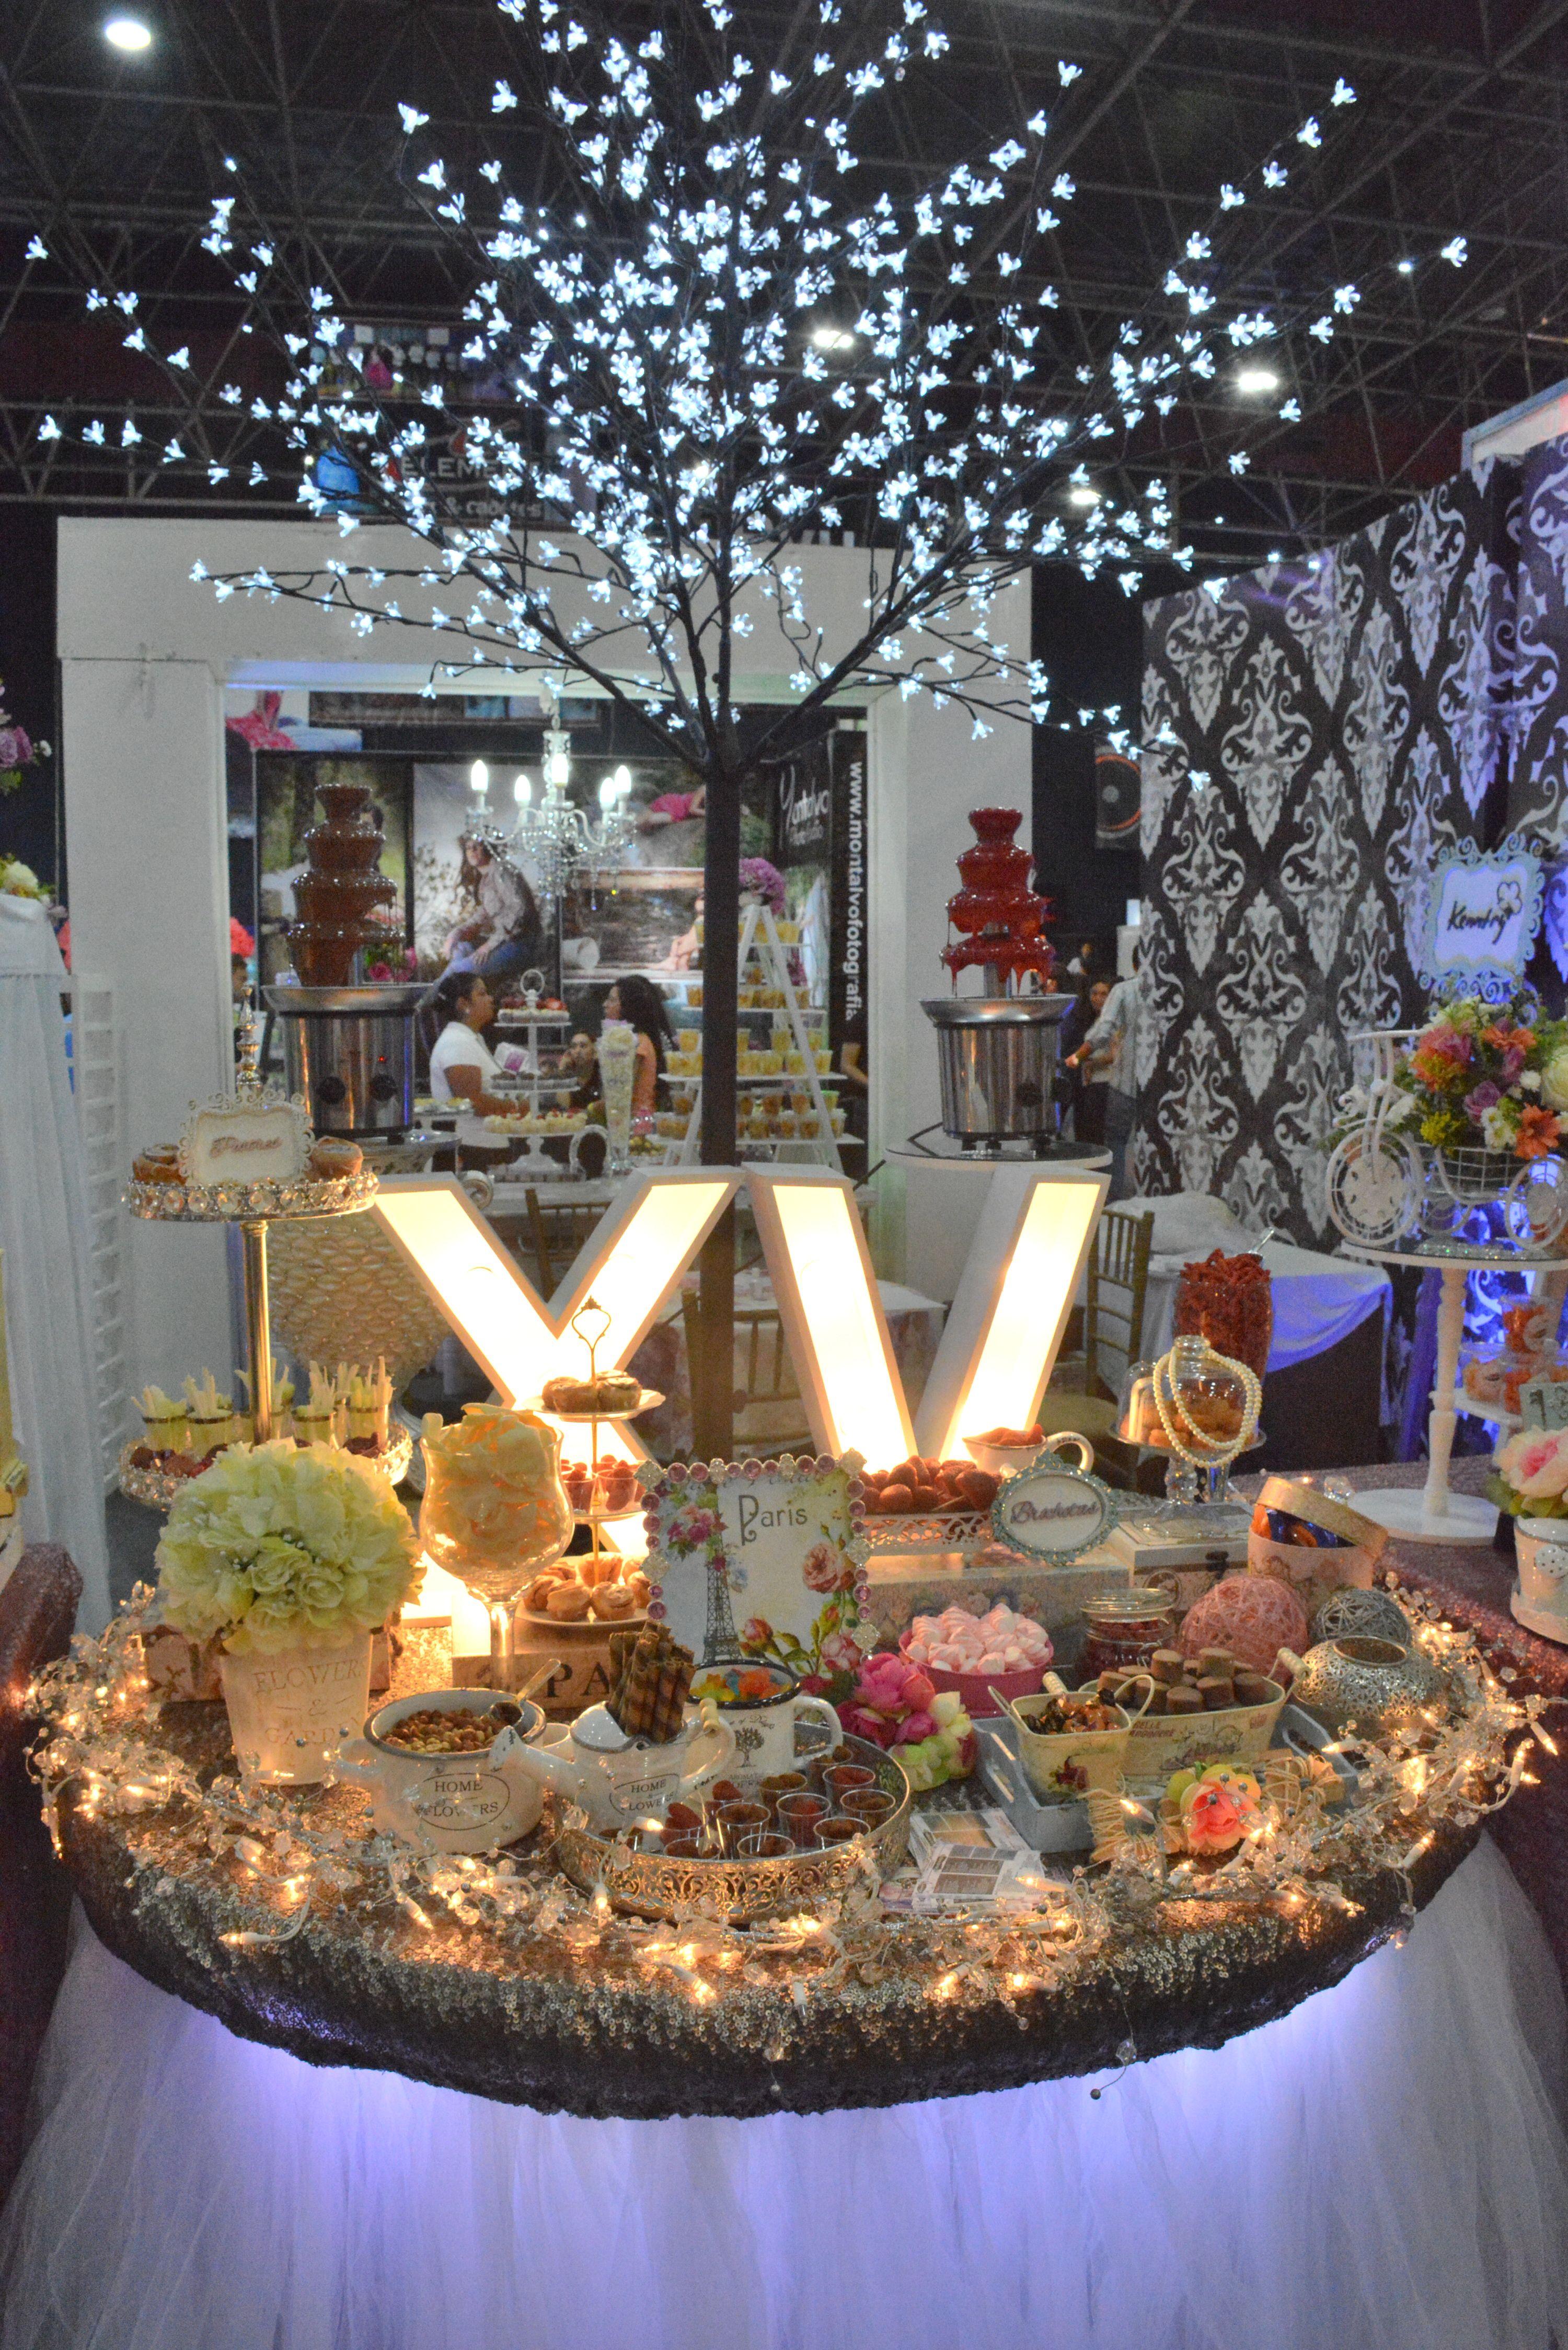 Mesa de dulces para quince a os quincea os quince xv for Mesa de dulces para xv anos